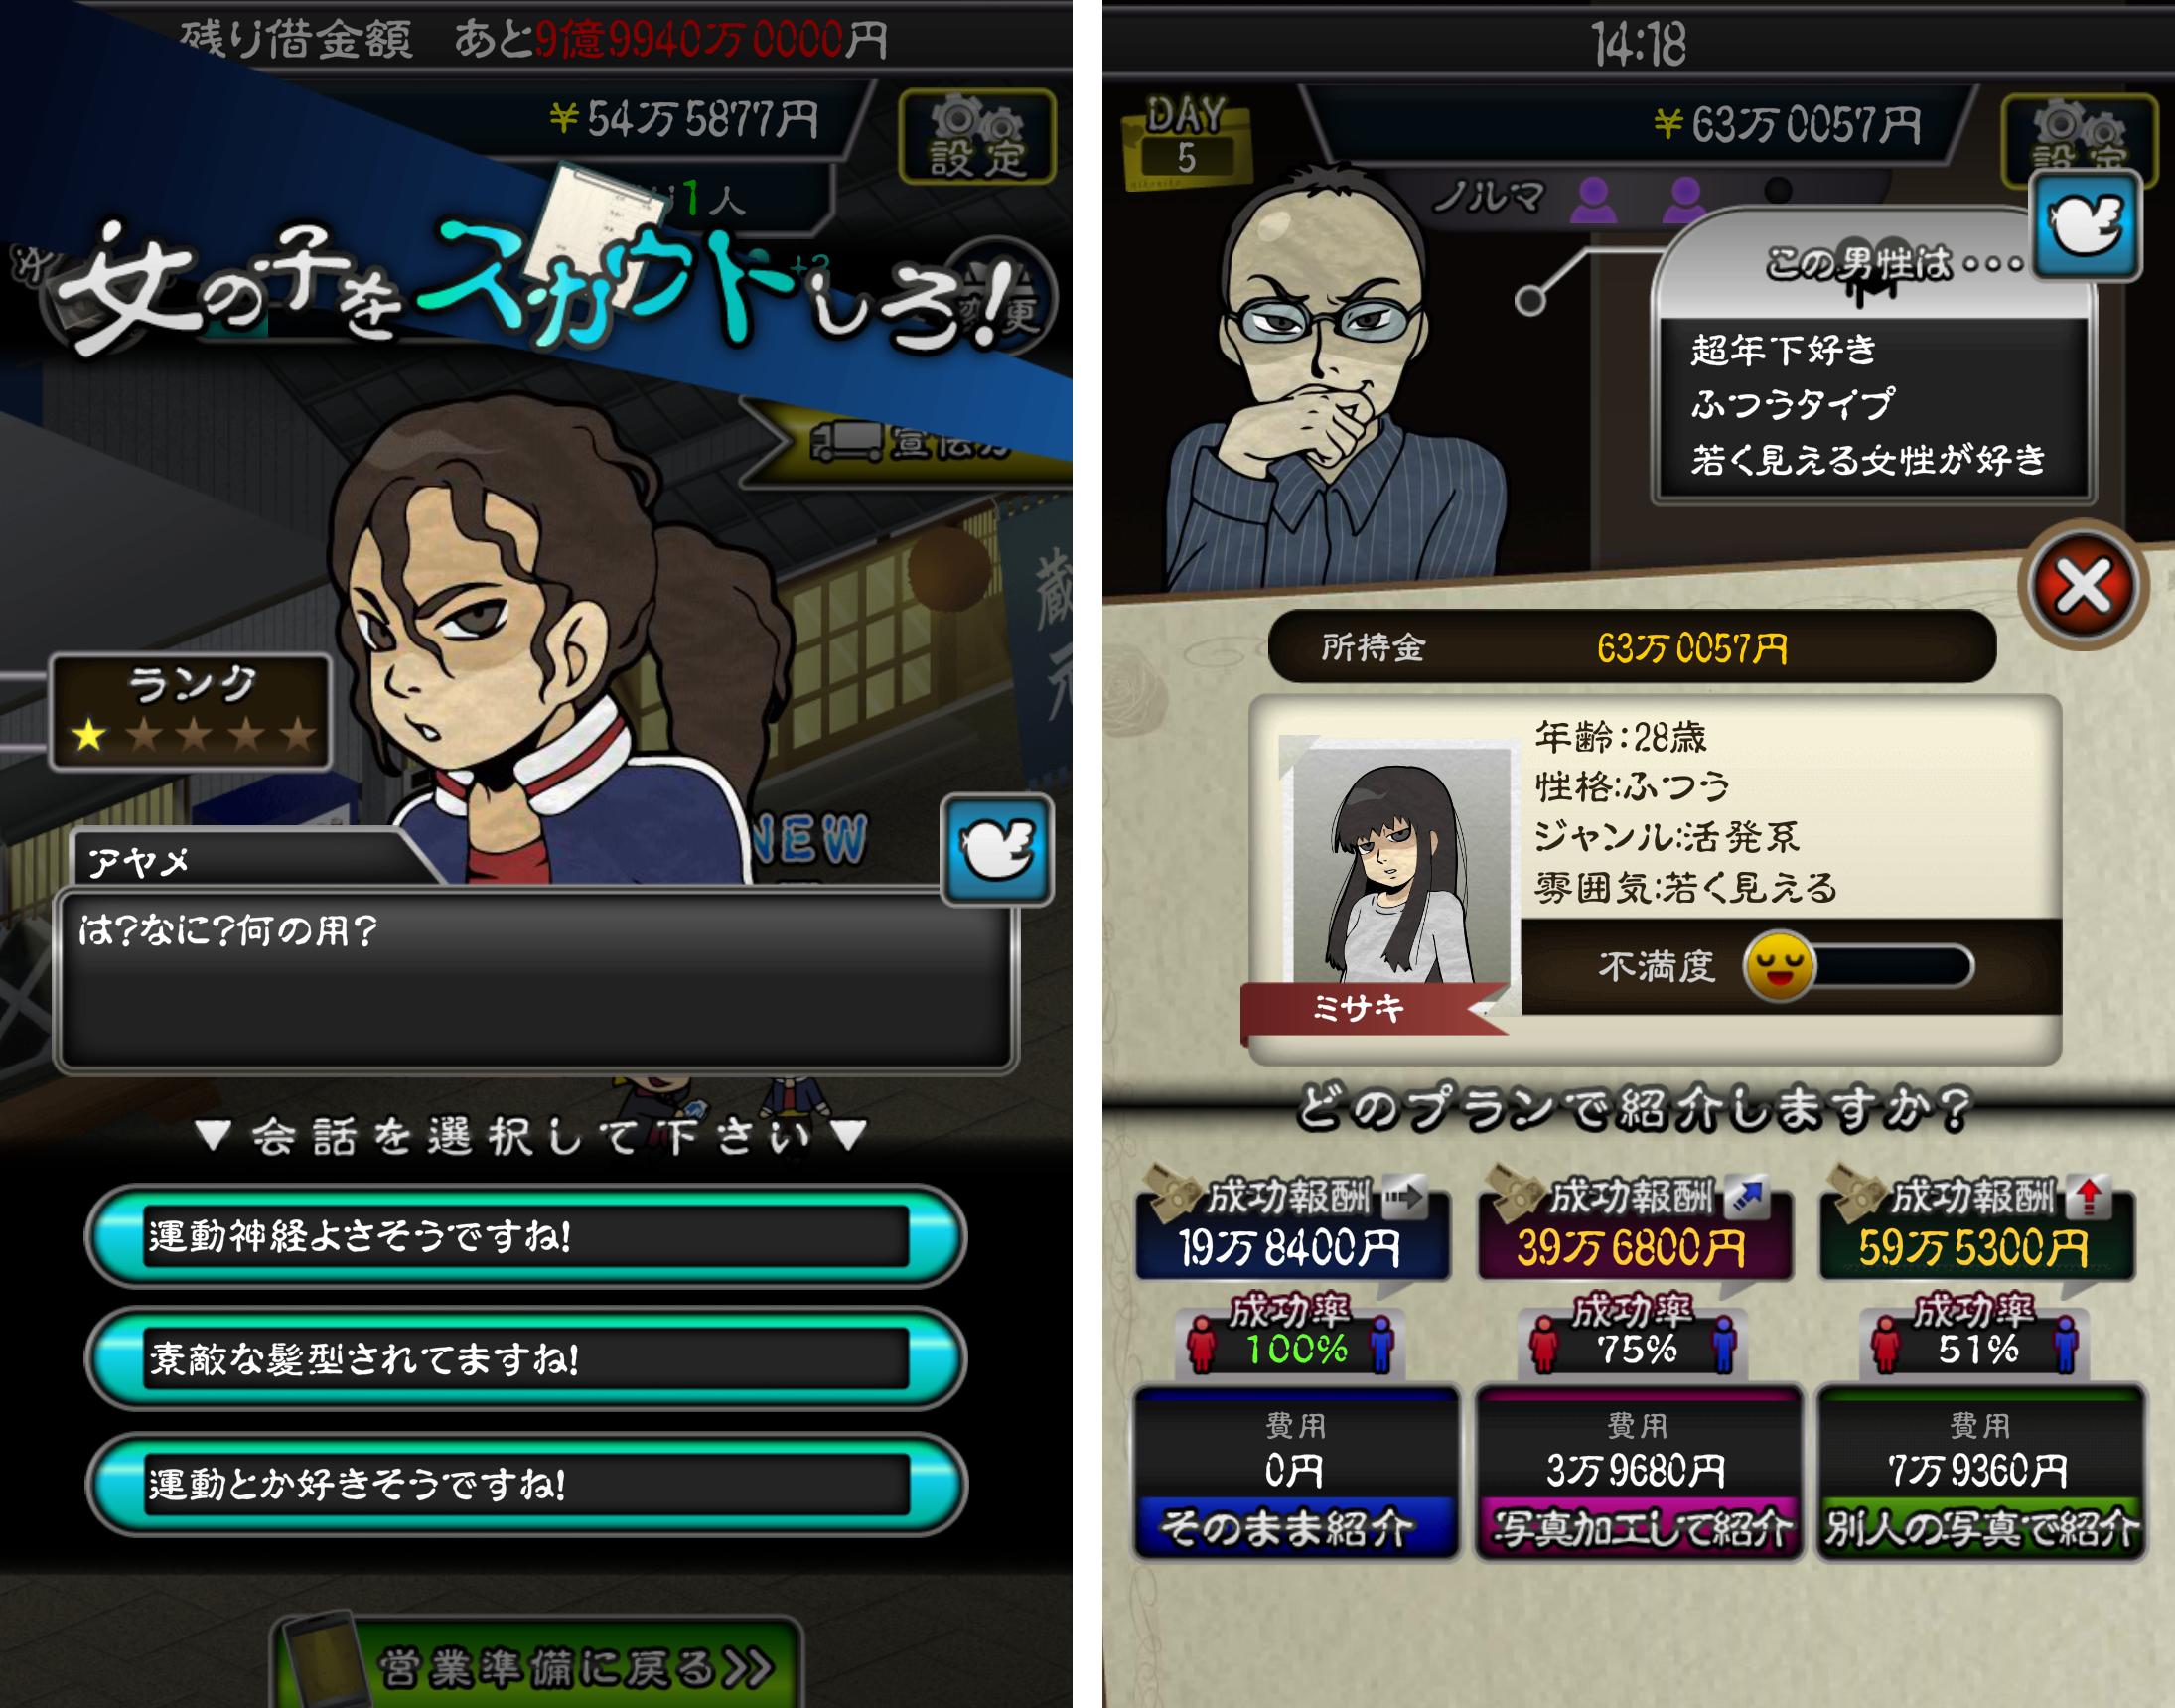 ニコニコ交際倶楽部 androidアプリスクリーンショット1